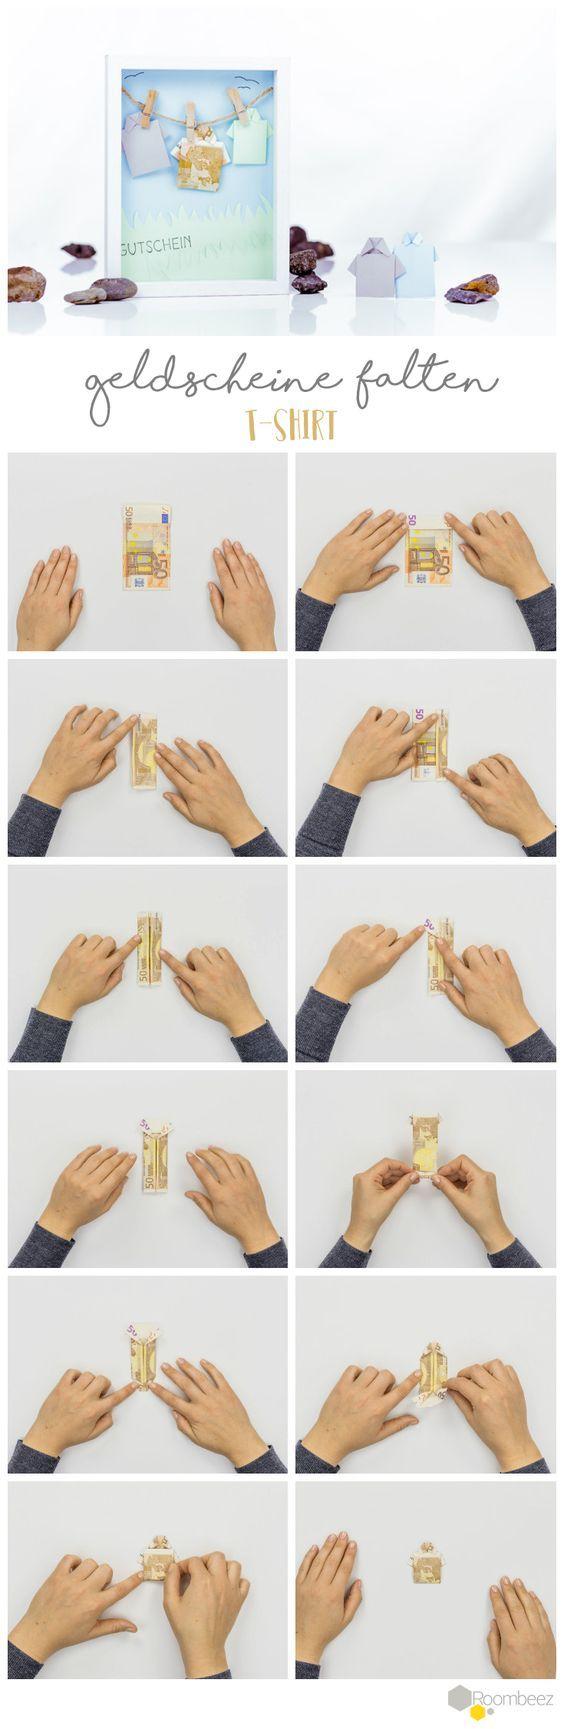 Geldscheine falten » 10 Anleitungen für Geldgeschenke